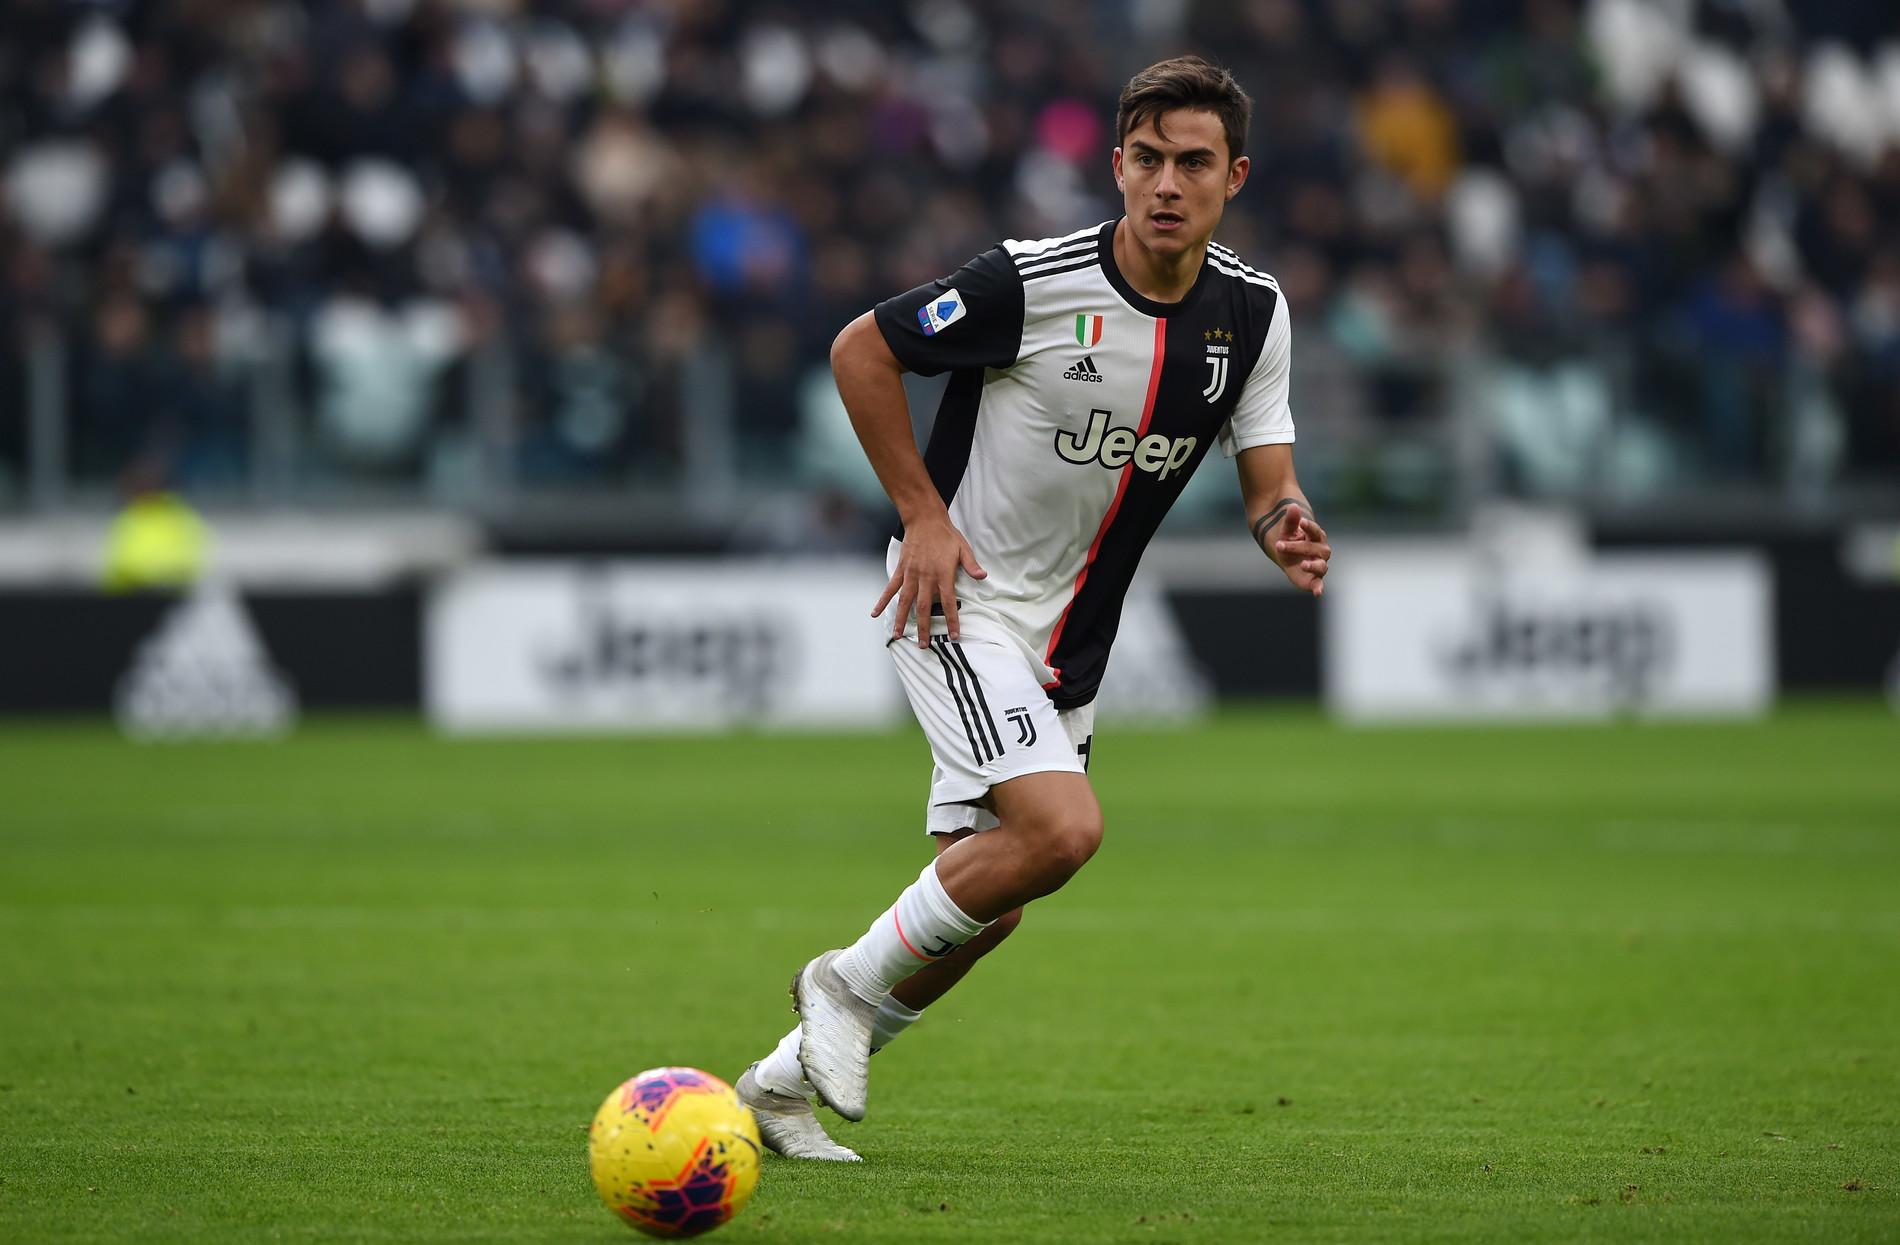 42) Paulo Dybala (Juventus)